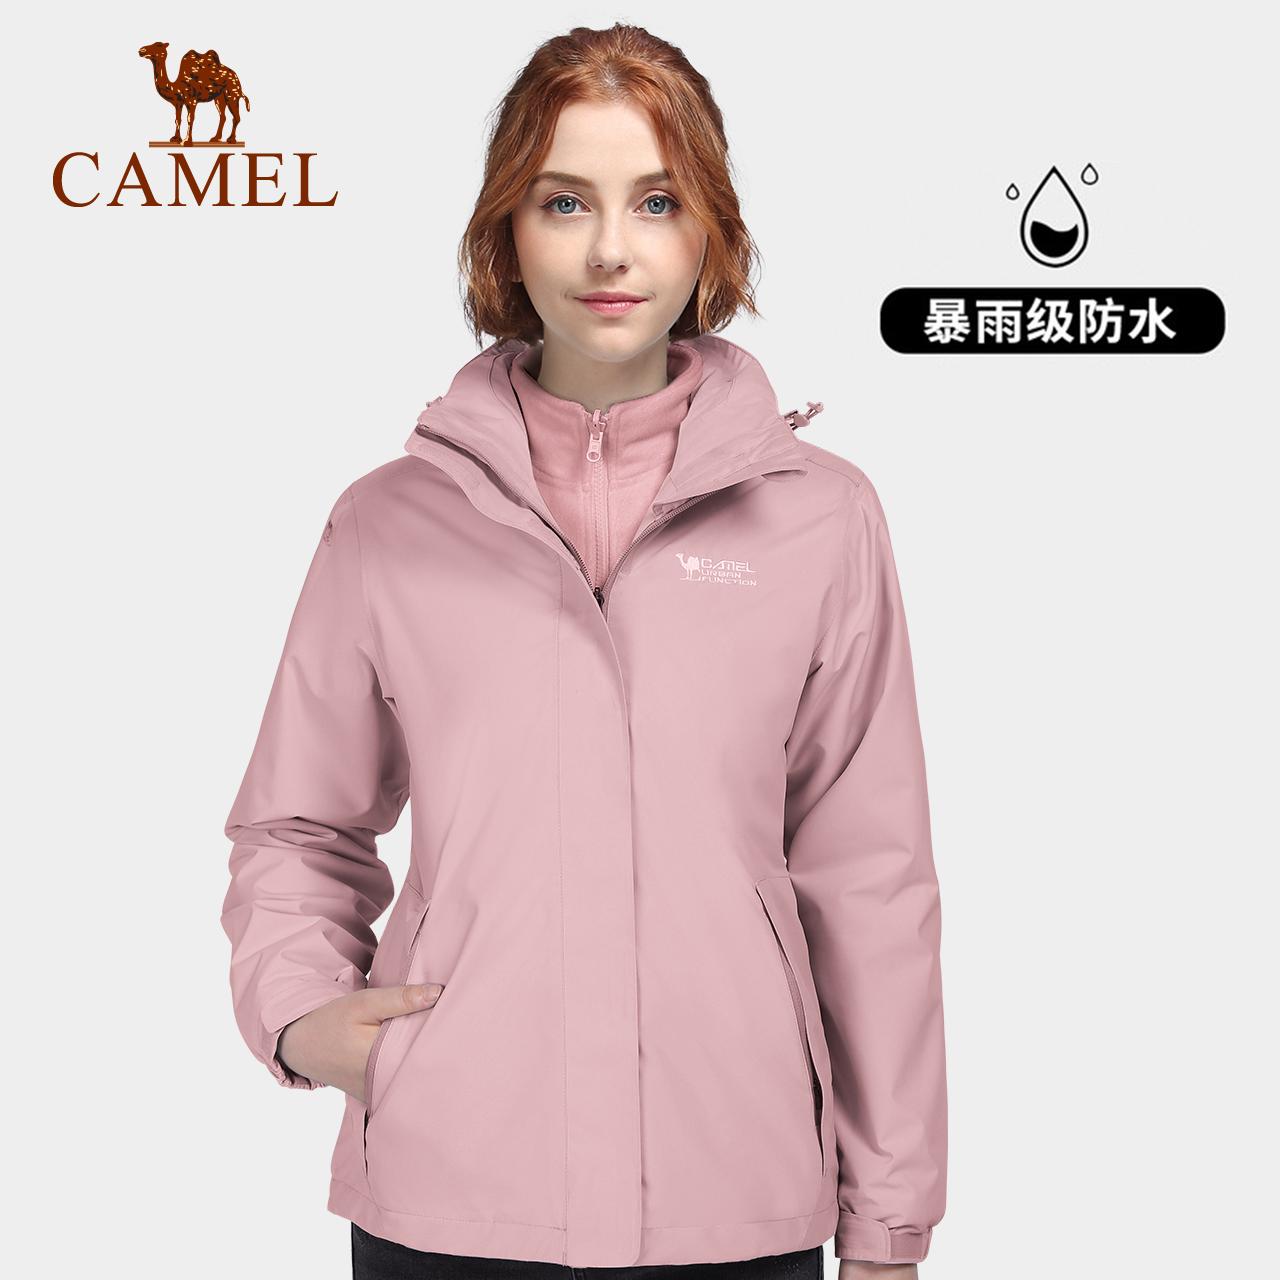 骆驼冲锋衣男女潮牌韩国三合一可拆卸两件套 新款登山服装外套  2020